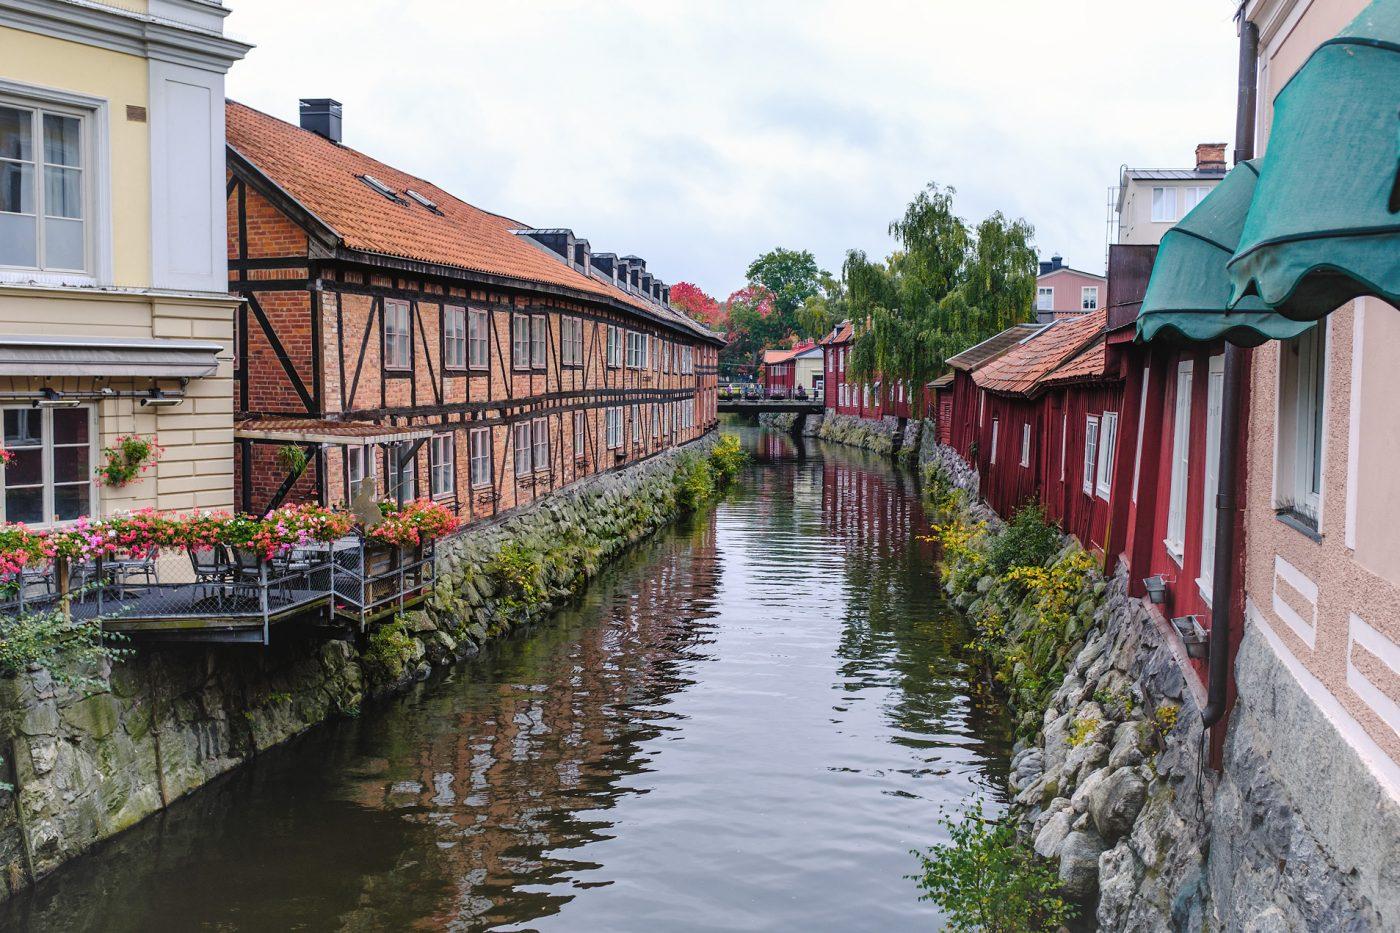 Ein von bunten Häusern gesäumter Kanal in Västerås, Schweden.